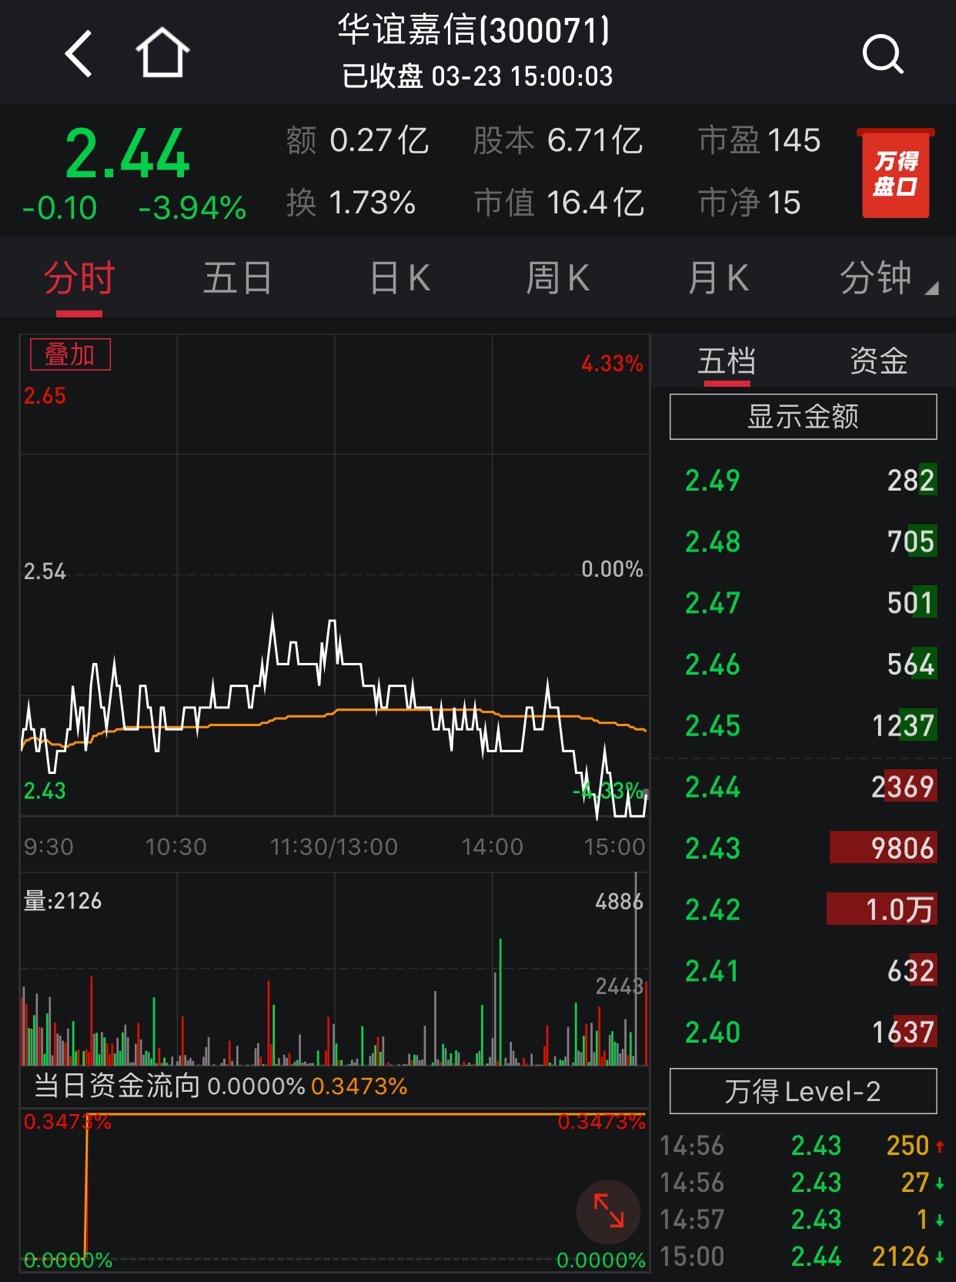 孙公司官司缠身,监事又辞职了……华谊嘉信市值还剩16亿